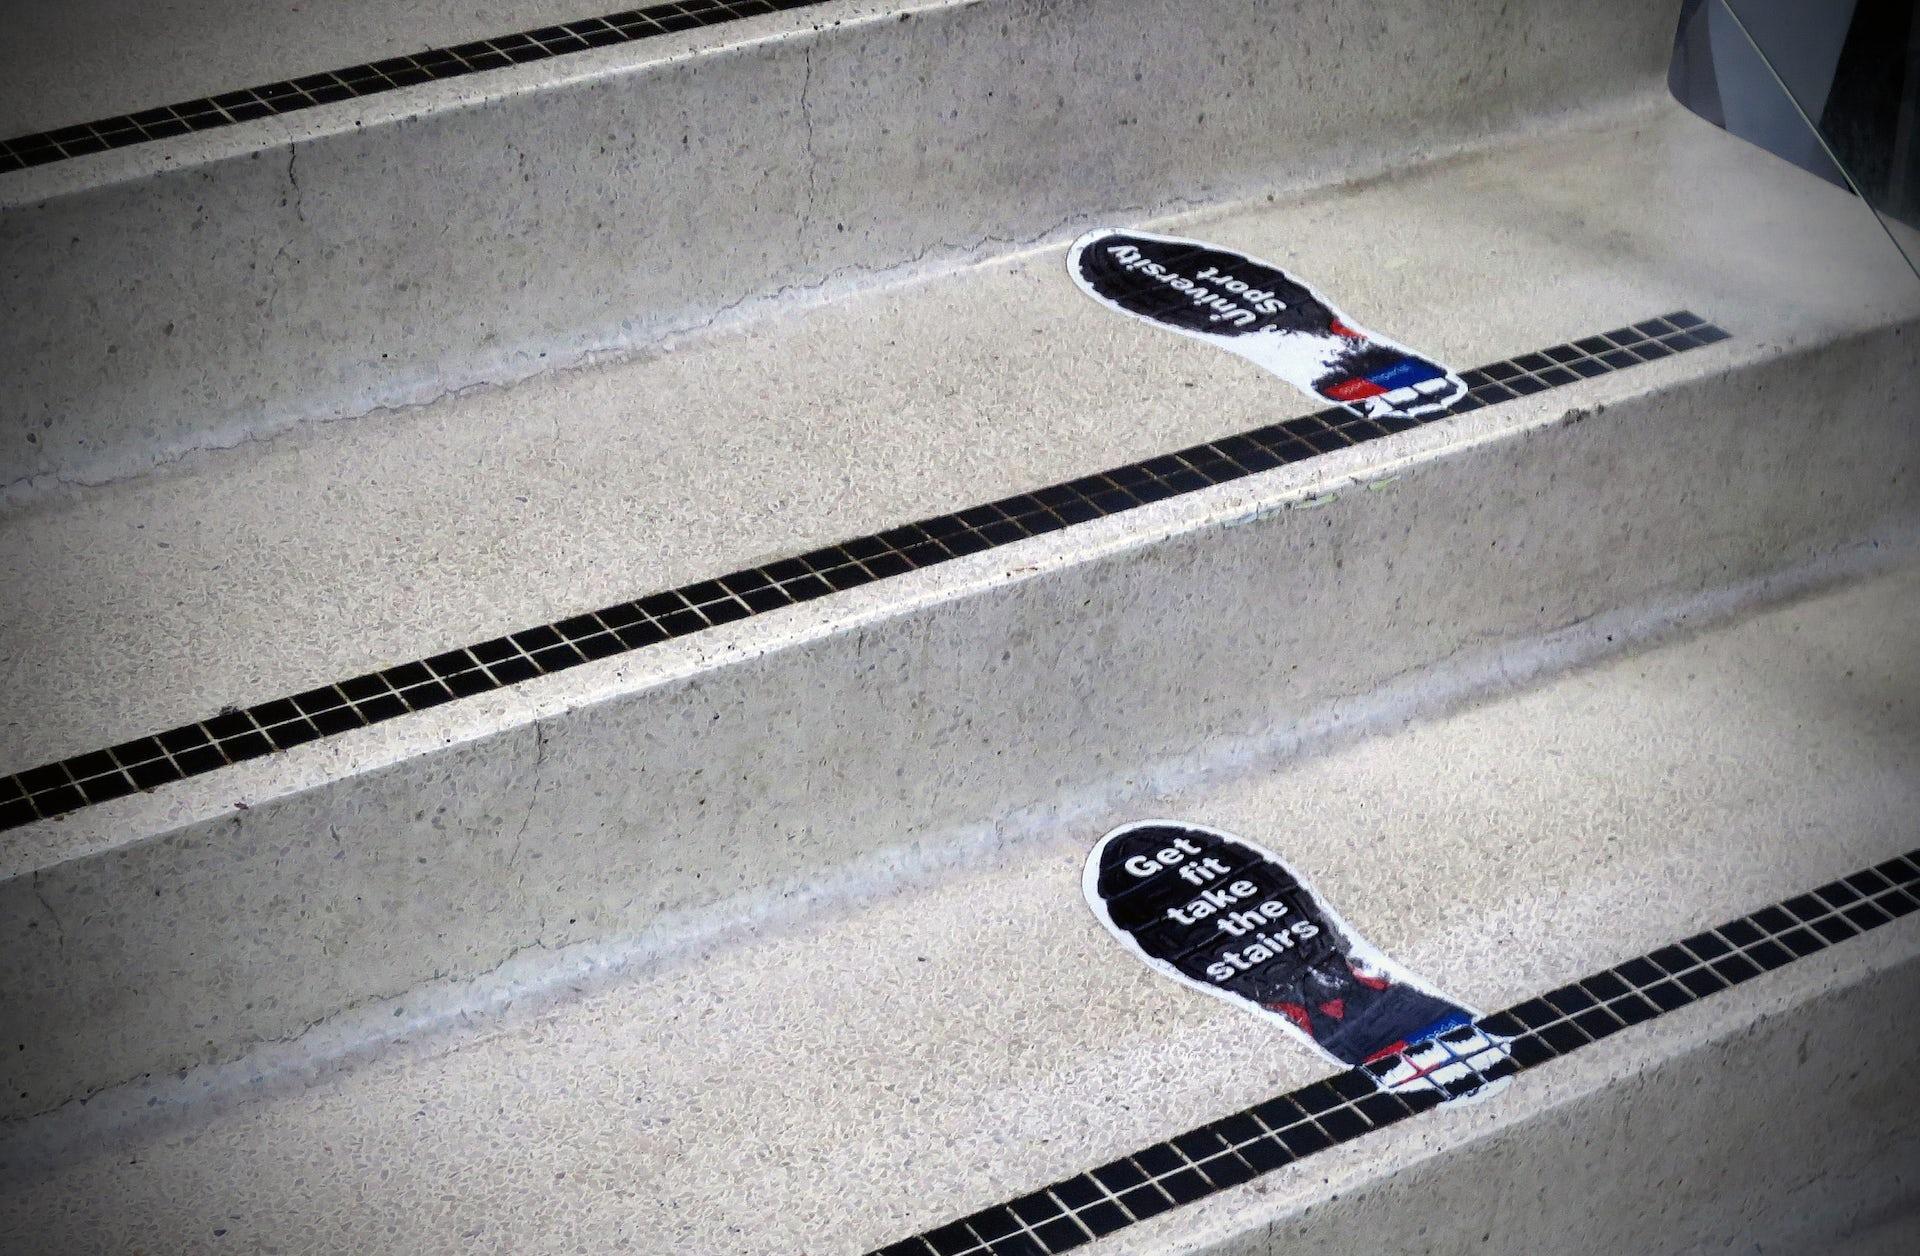 Sur l'empreinte : « Retrouvez la forme, prenez l'escalier ». Alan Stanton/Flickr, CC BY-SA